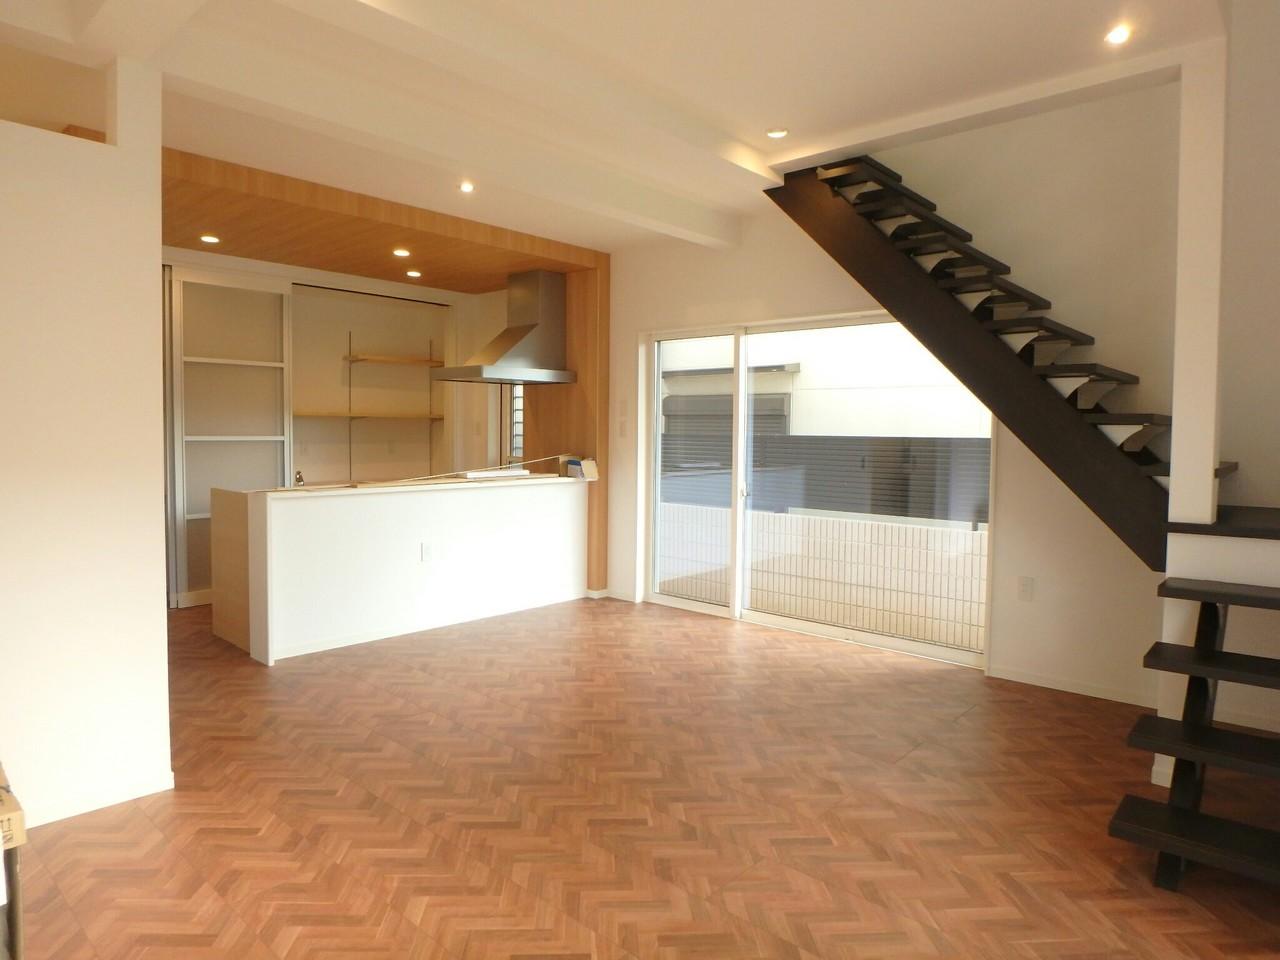 玄関からみたキッチン、リビングの写真です。 ご家族の様子を感じることができるリビング階段になっています。